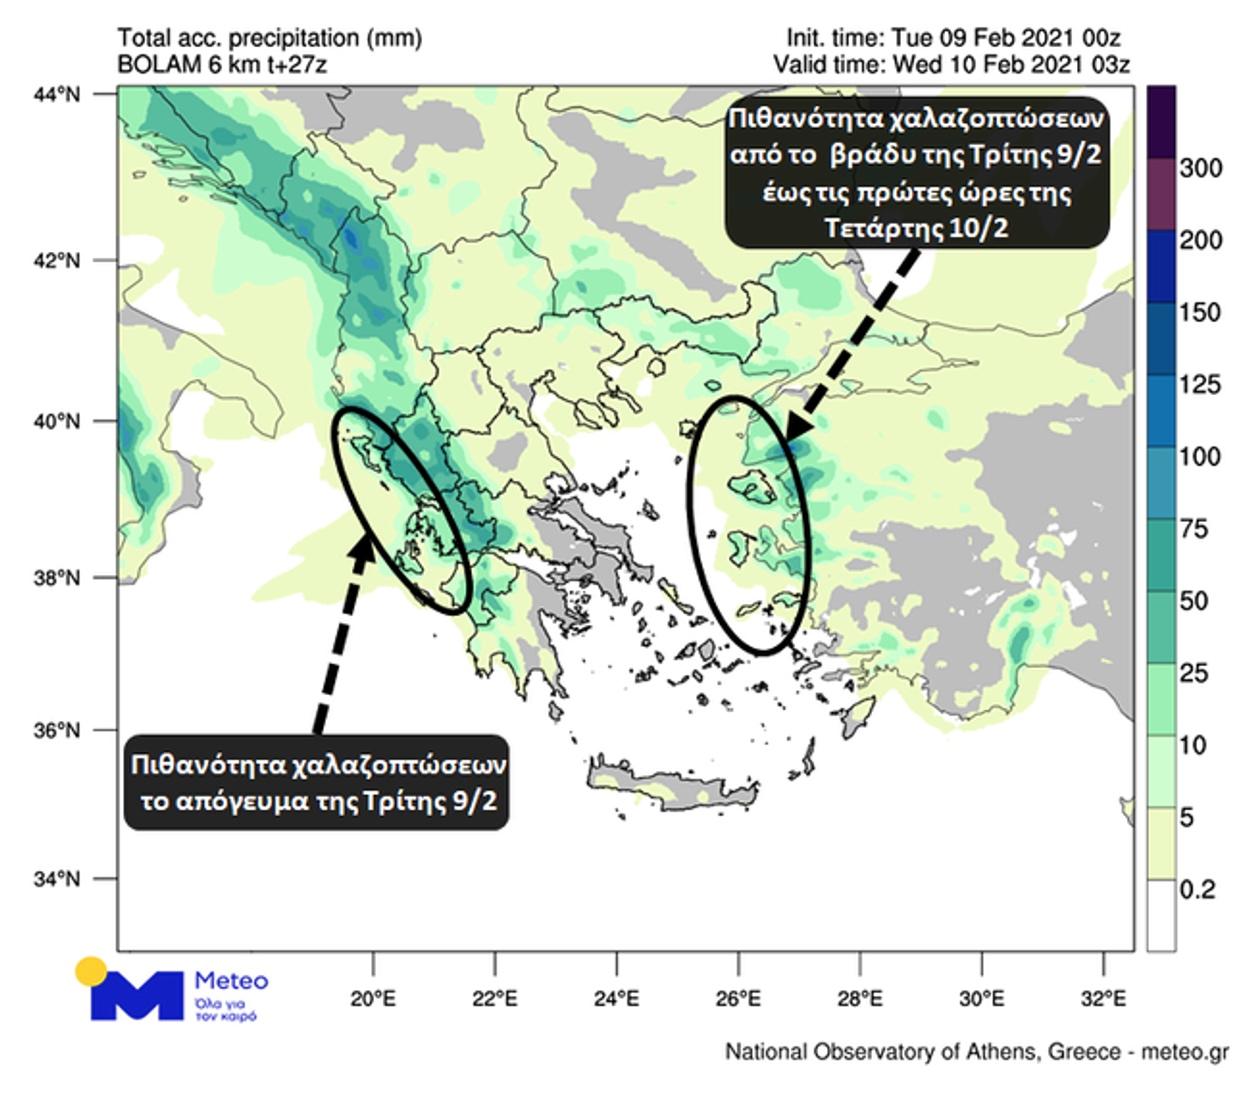 Καιρός: Ατμοσφαιρική διαταραχή με βροχές, καταιγίδες και χαλάζι μέχρι τα ξημερώματα της Τετάρτης